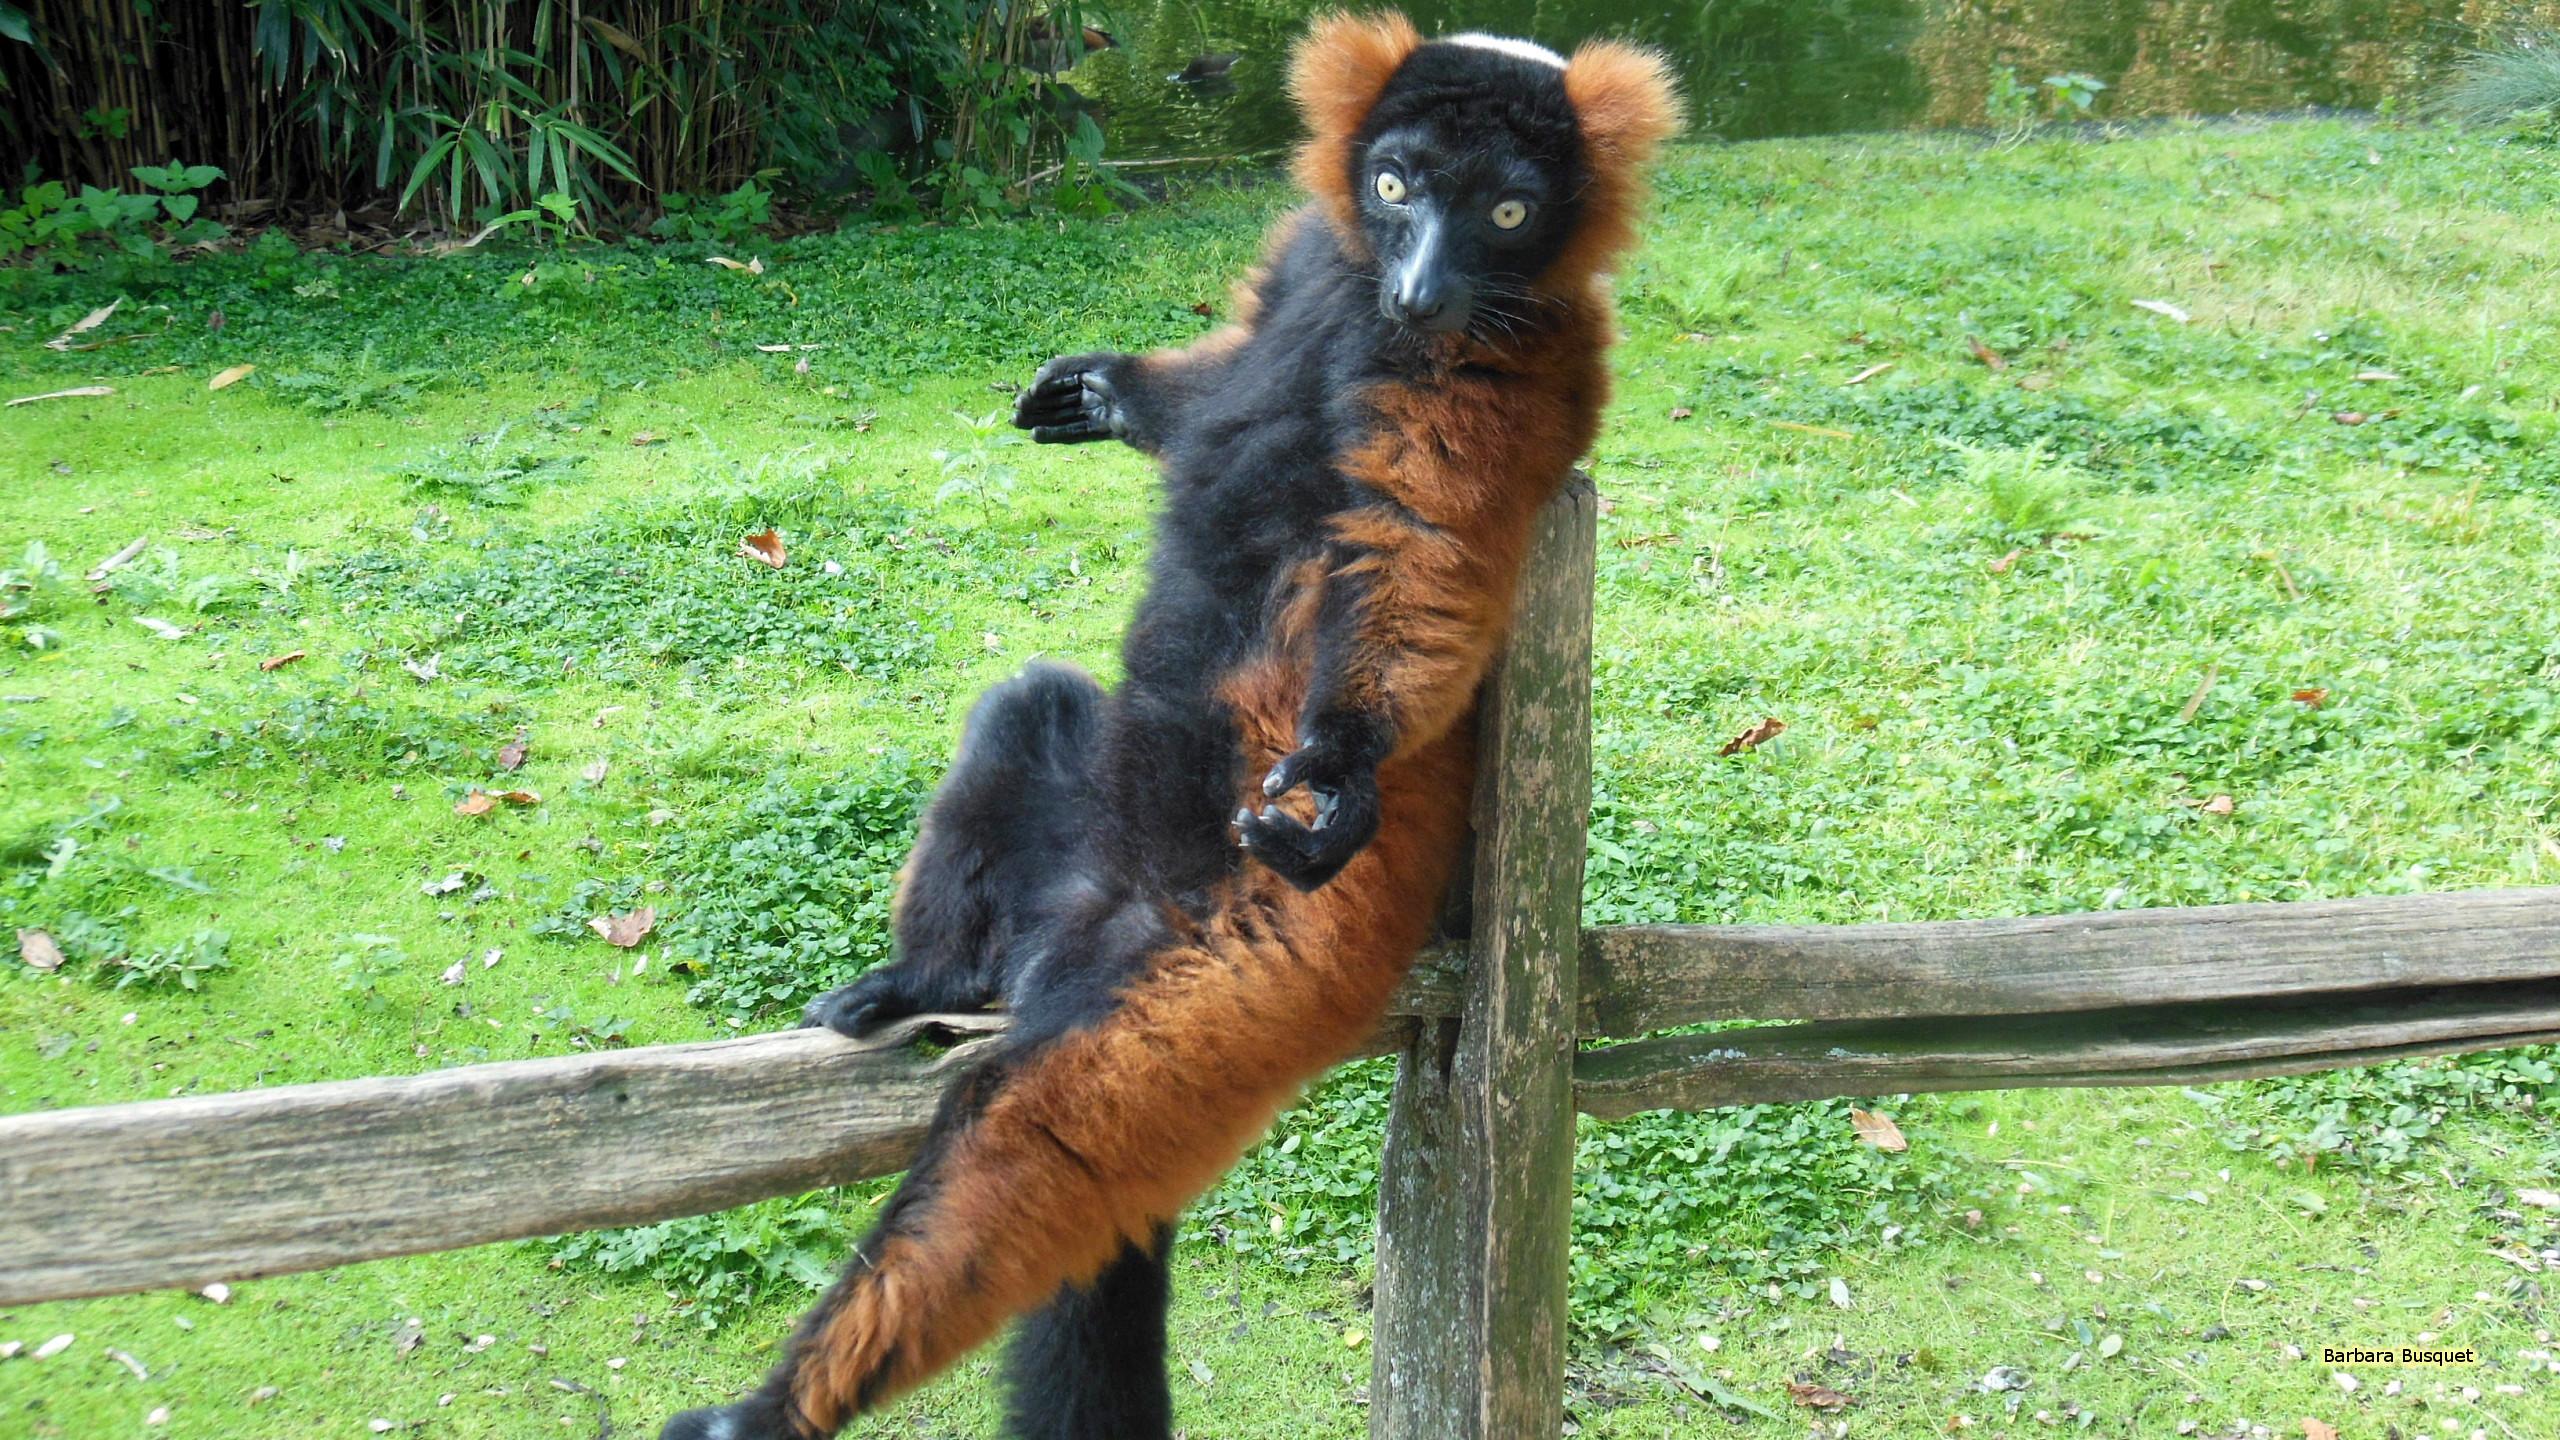 Res: 2560x1440, Ruffed lemur on a fence